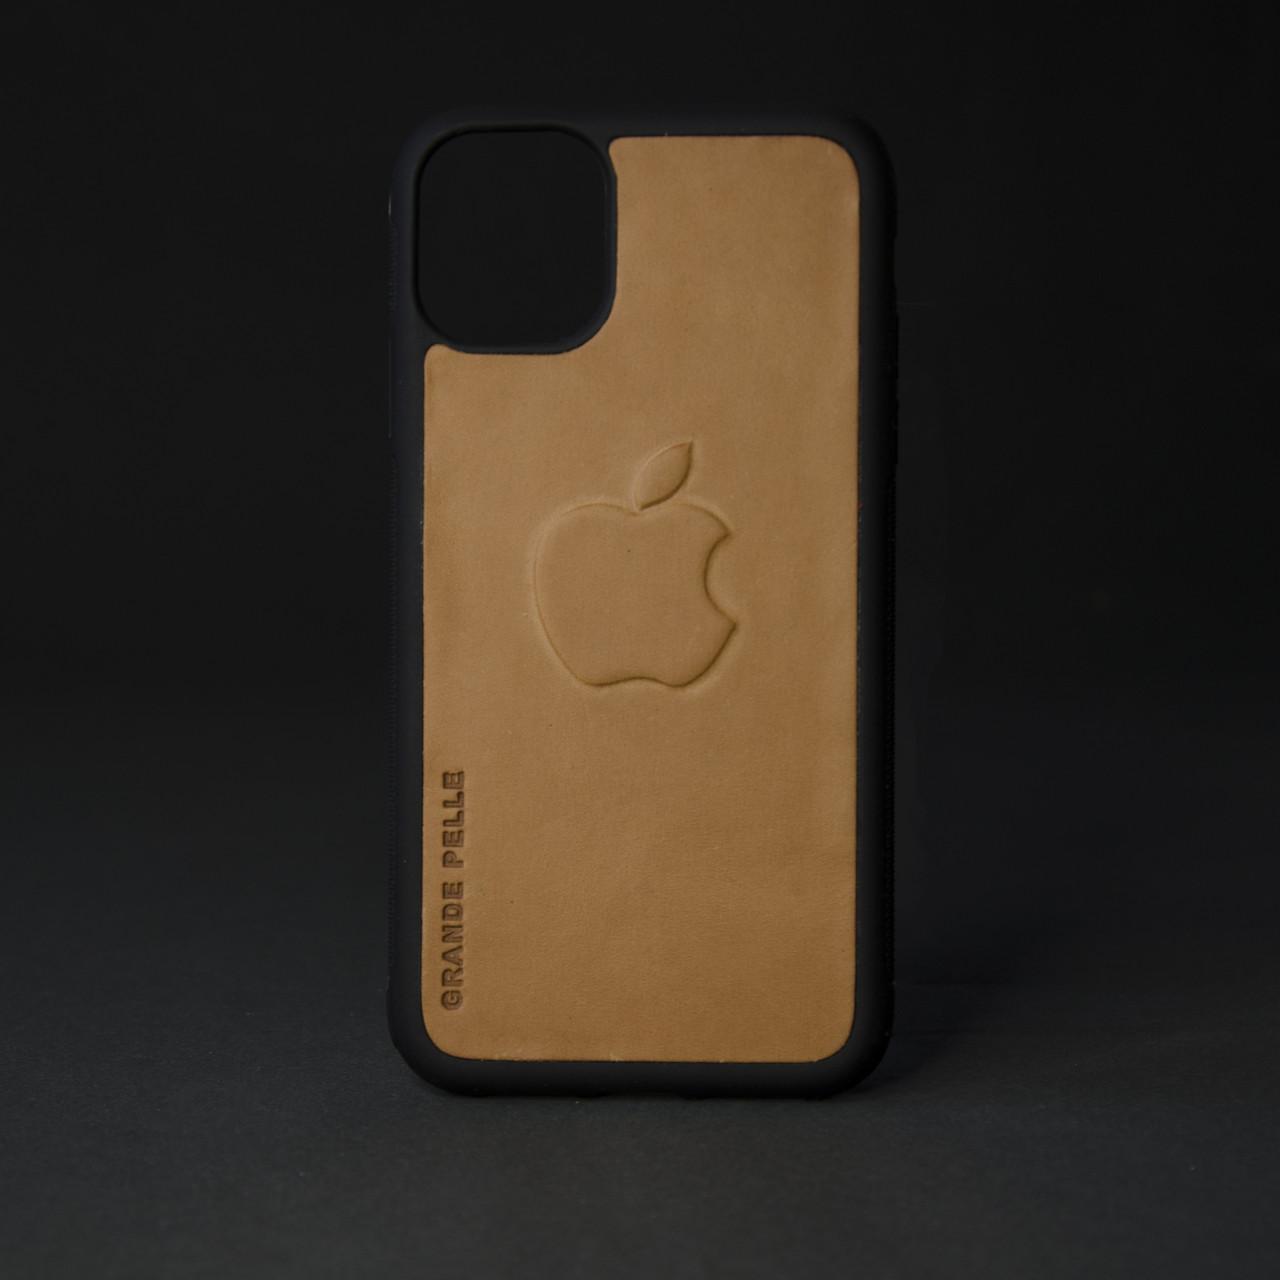 Кейс для IPhone, пісочний, з металевою вставкою для автотримача